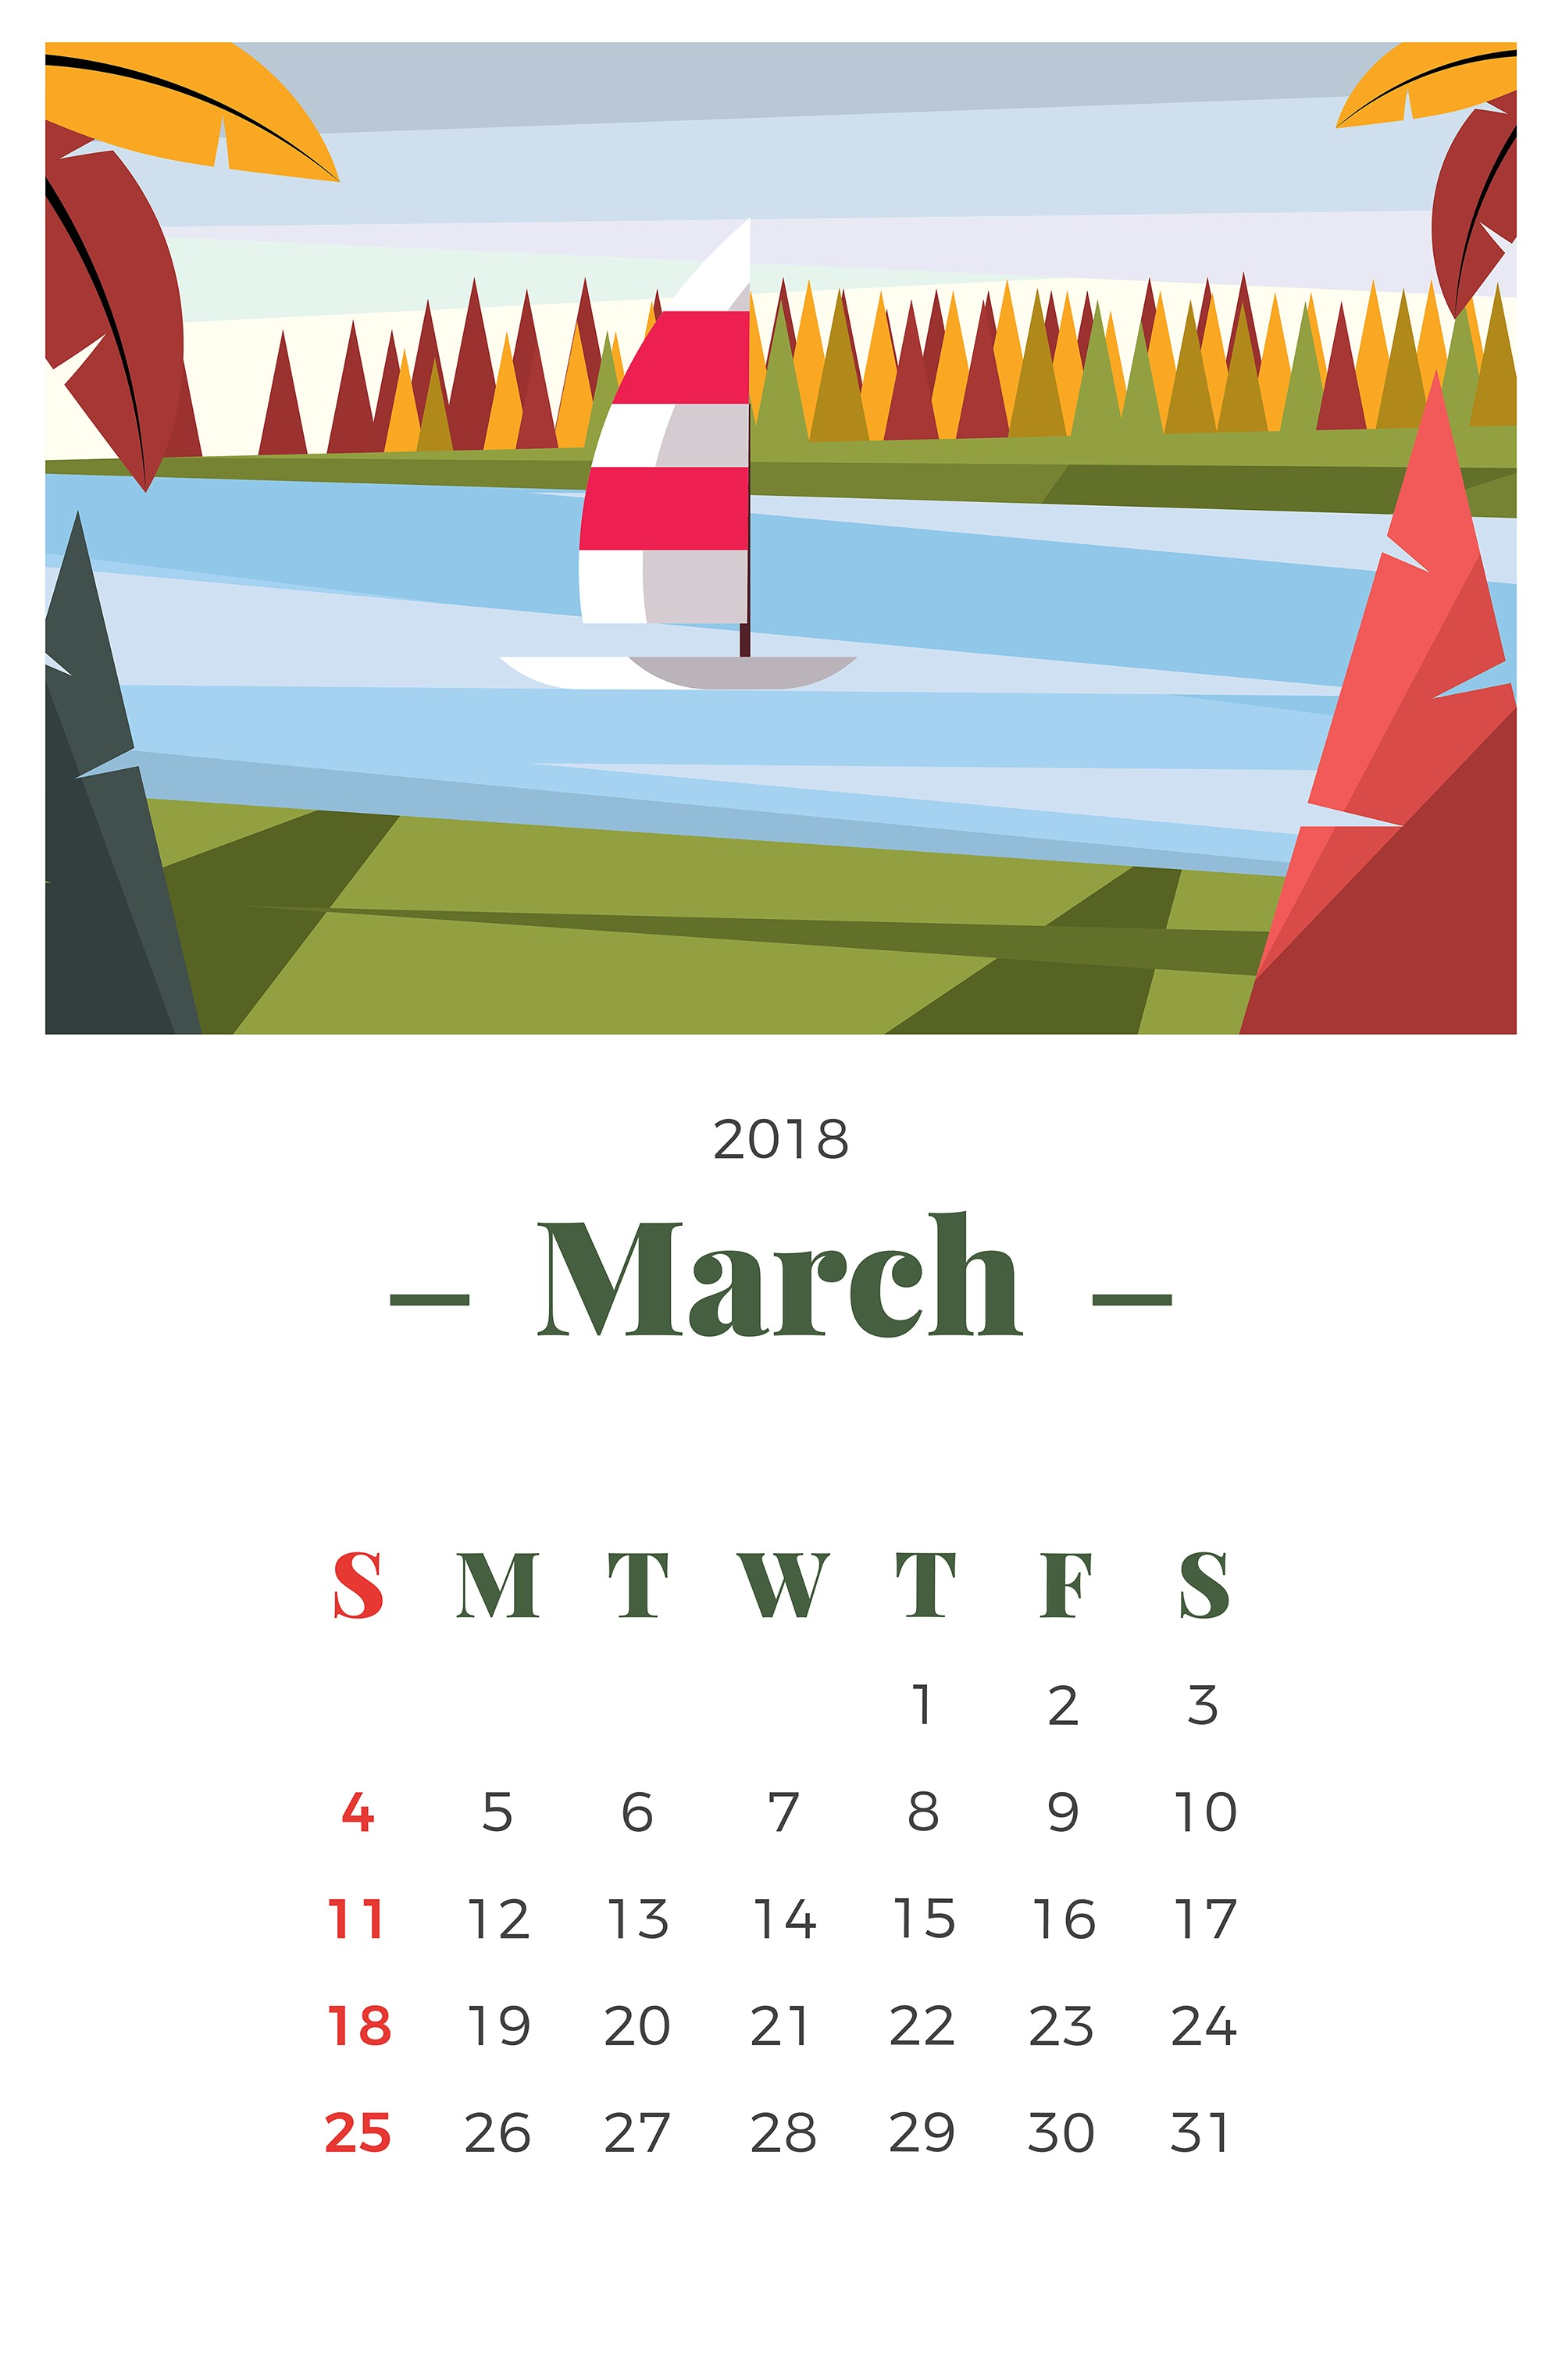 Calendario 2019 Y 2019 Para Imprimir Más Actual Calendario De Paisaje De Marzo De 2018 Descargue Gráficos Y Of Calendario 2019 Y 2019 Para Imprimir Más Recientes Preschool Calendar Template Printables Create A Calendar May